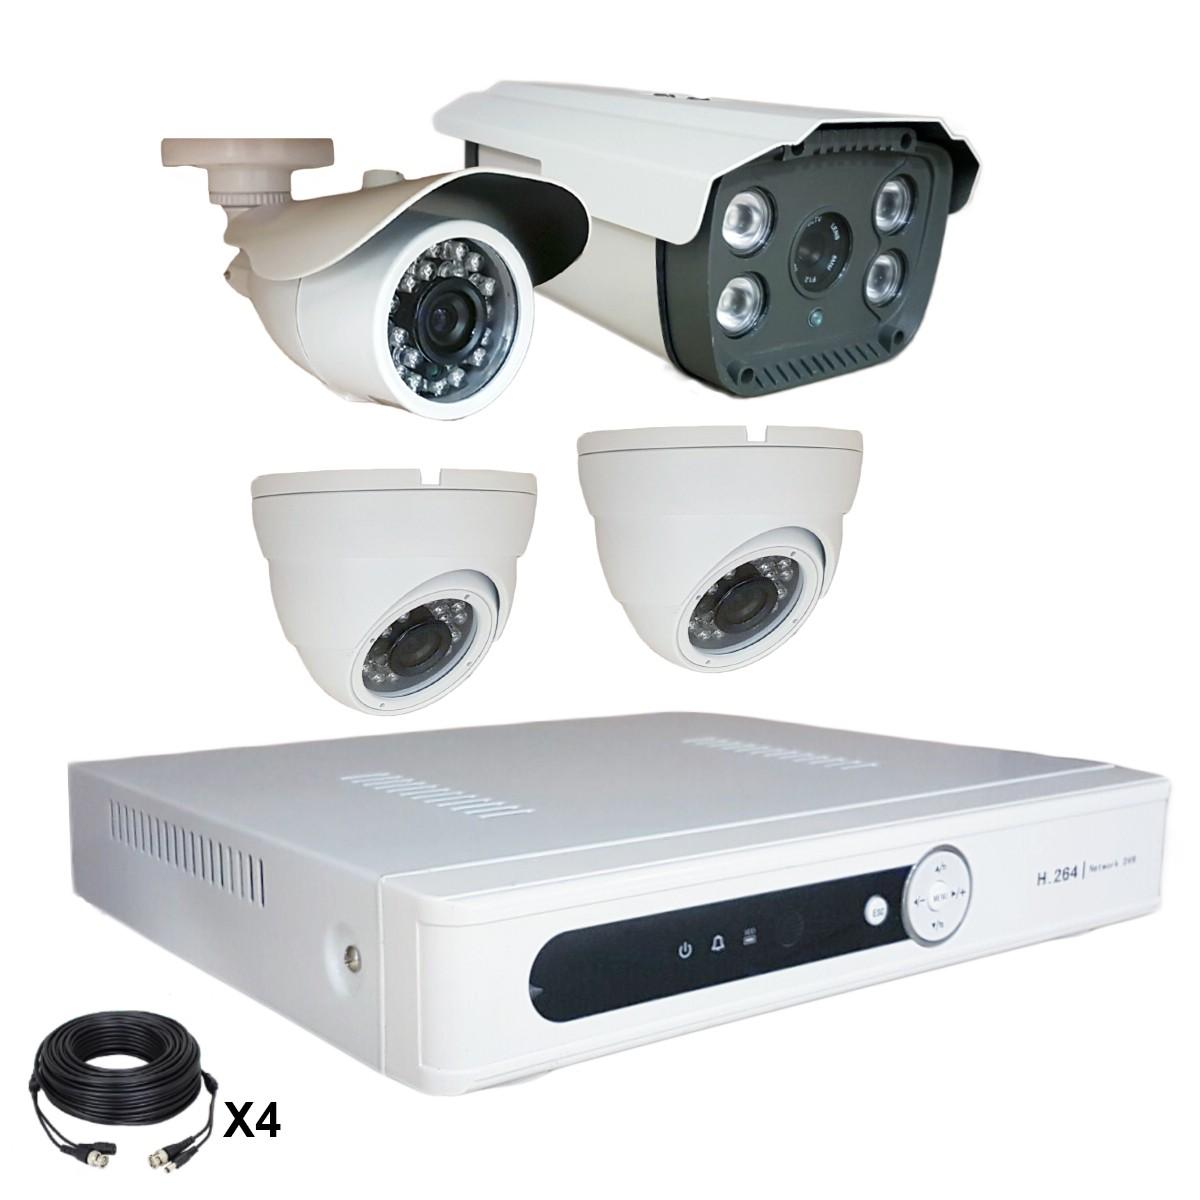 Système vidéosurveillance 4 canaux + 2 dômes + 1 caméra + 1 caméra faciale + câbles